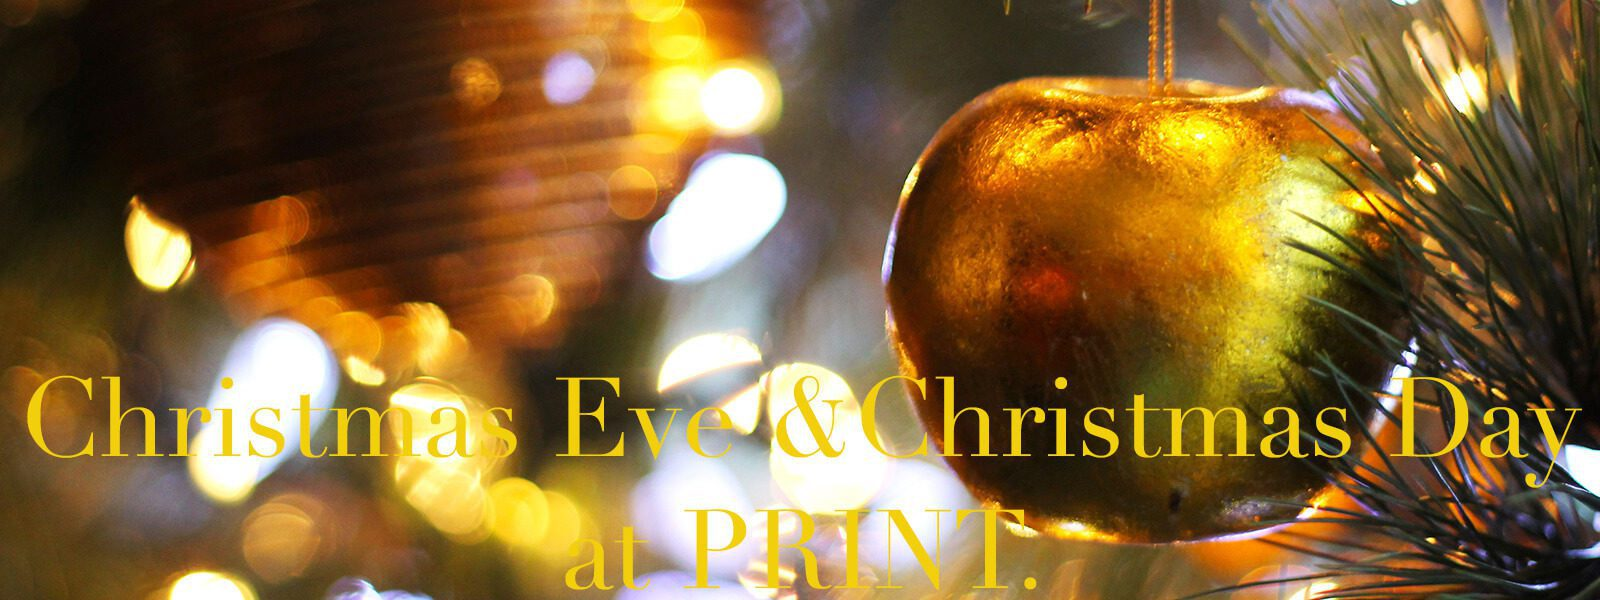 Christmas-Eve-and-Christmas-Day-Header